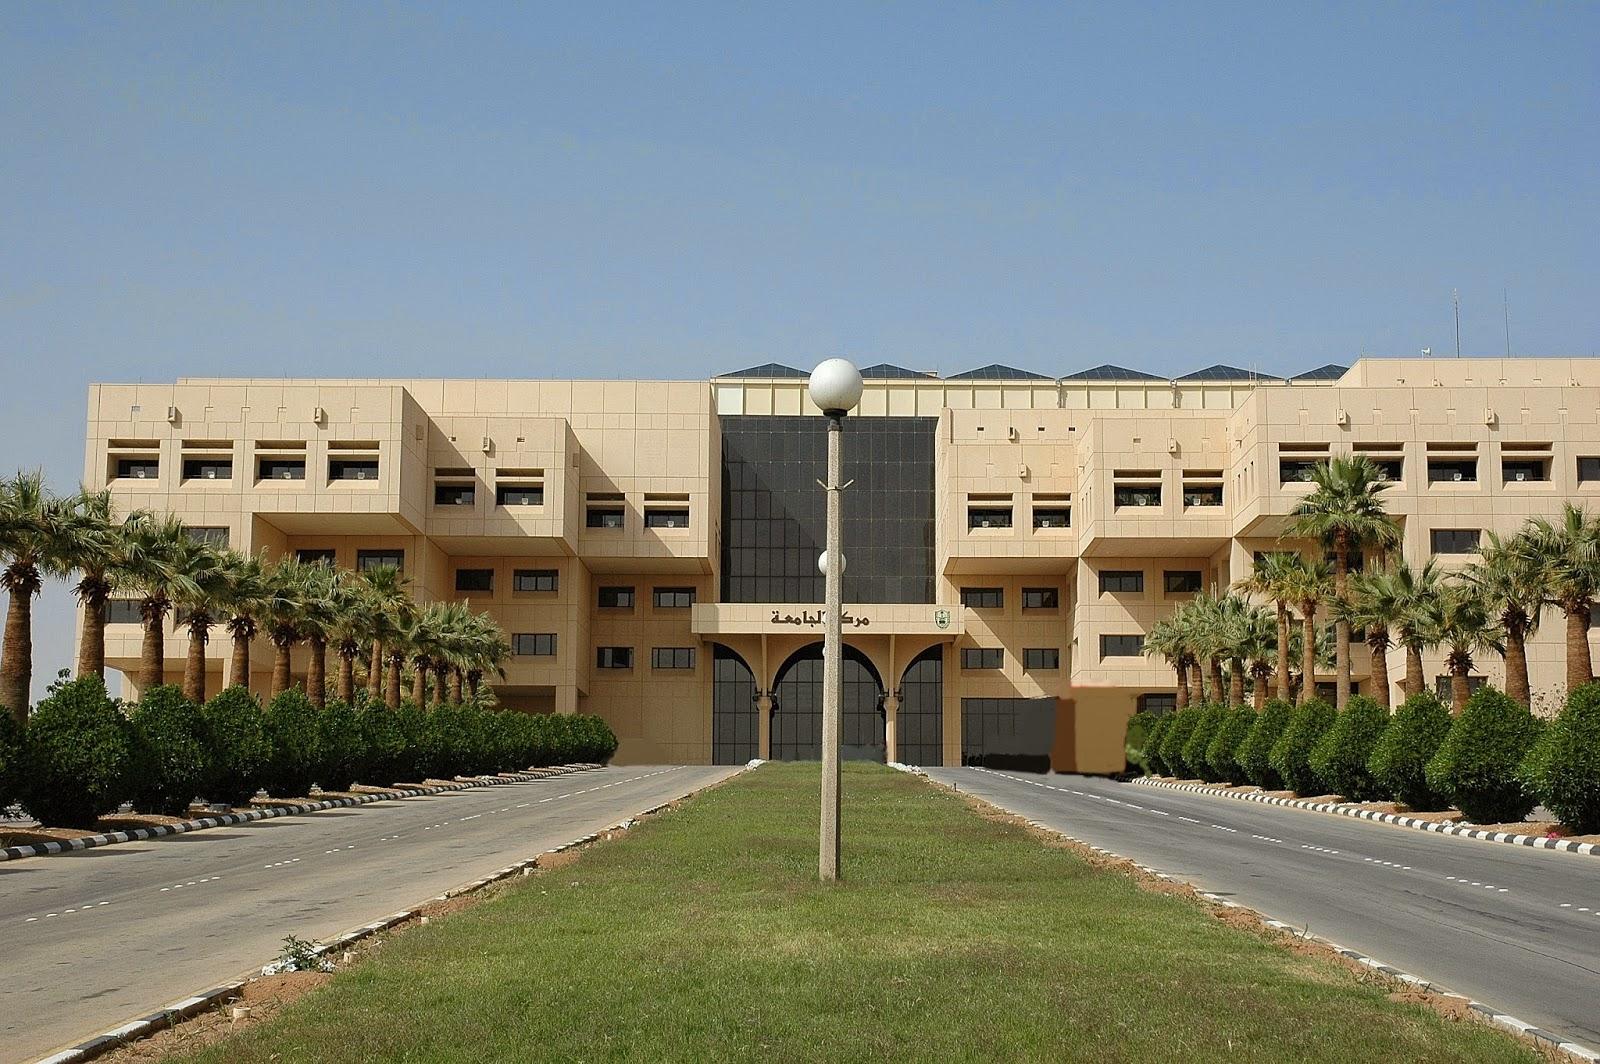 Αποτέλεσμα εικόνας για King Saud University